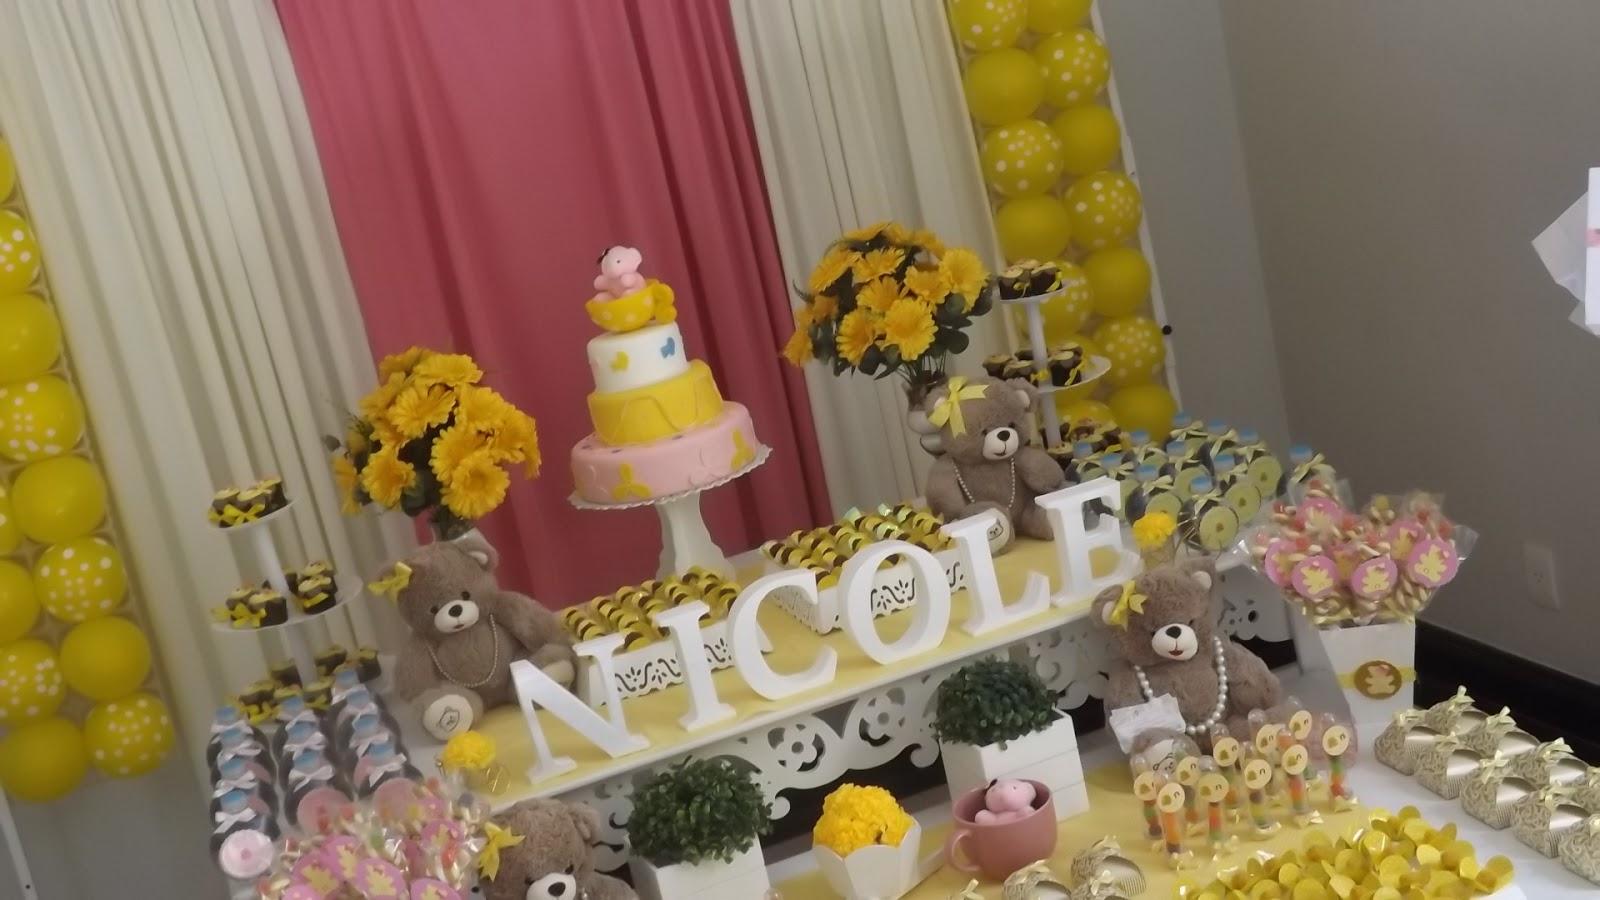 decoracao azul e amarelo para cha de bebe:SARA CORDEIRO FESTAS: Chá de bebê Ursa Marrom Amarelo e Rosa